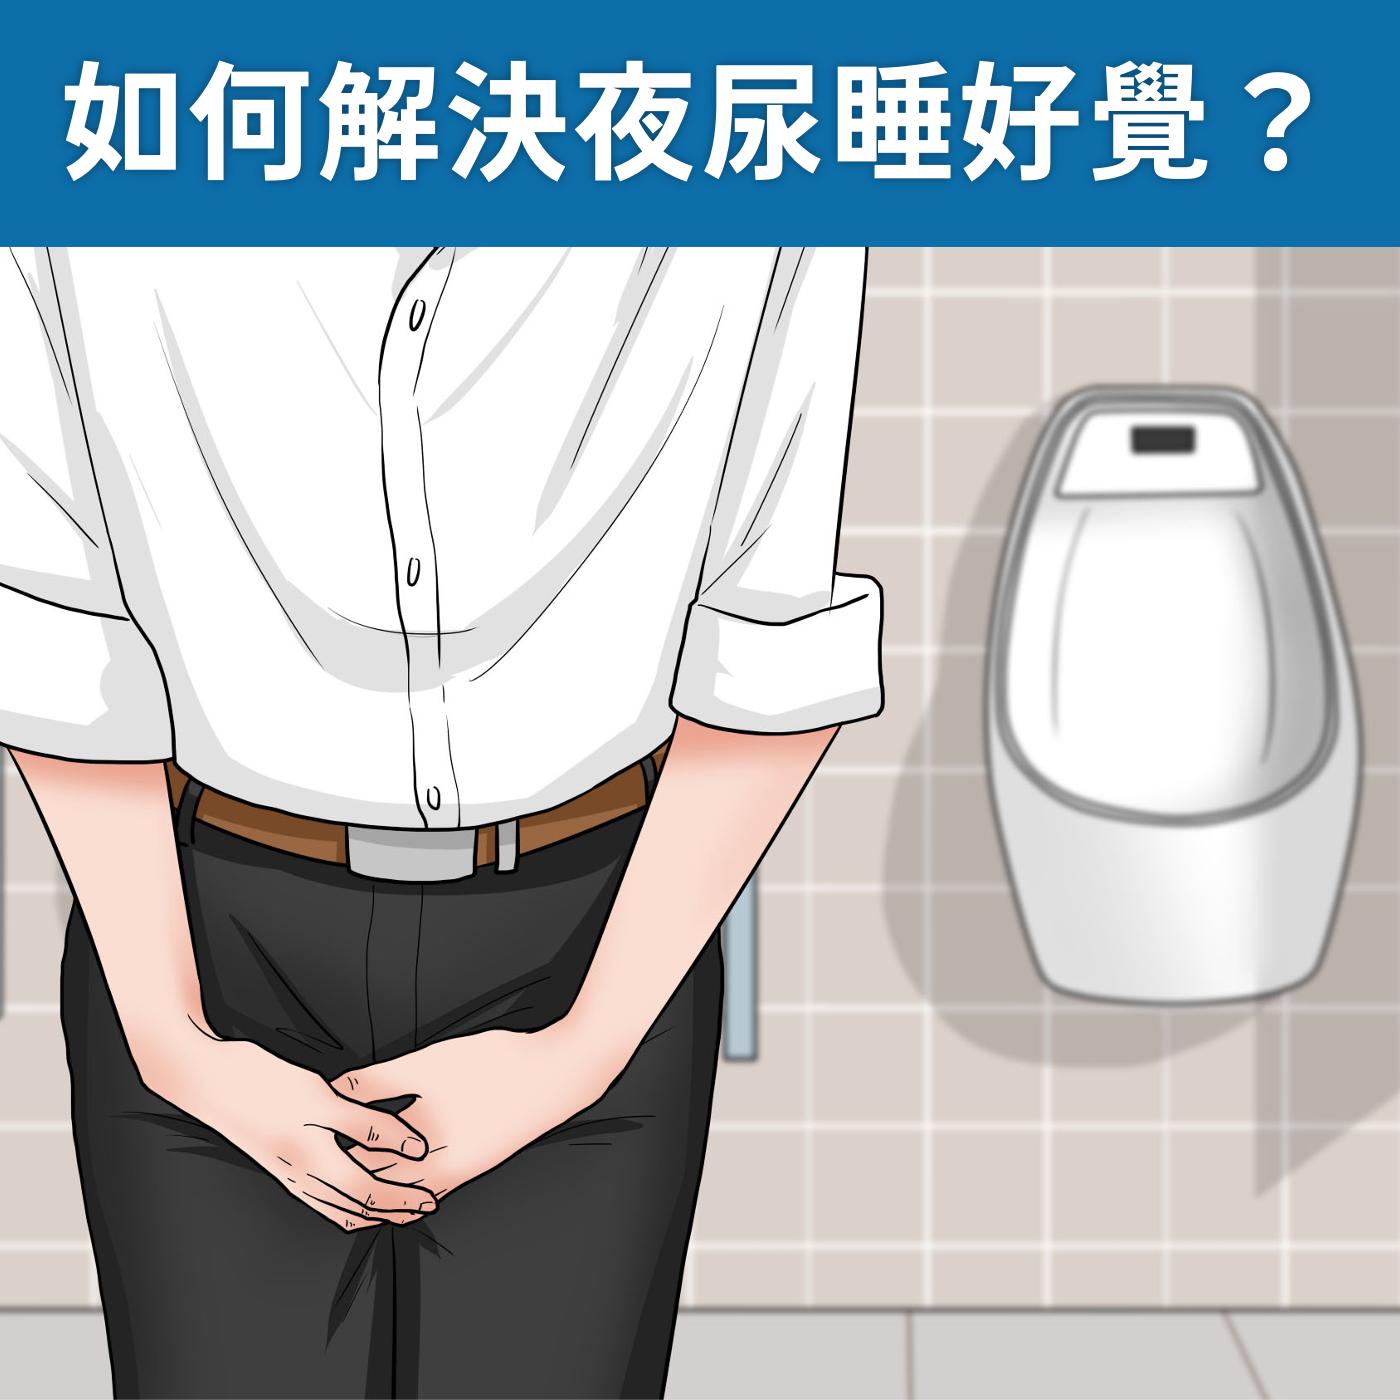 解決夜尿有方法?